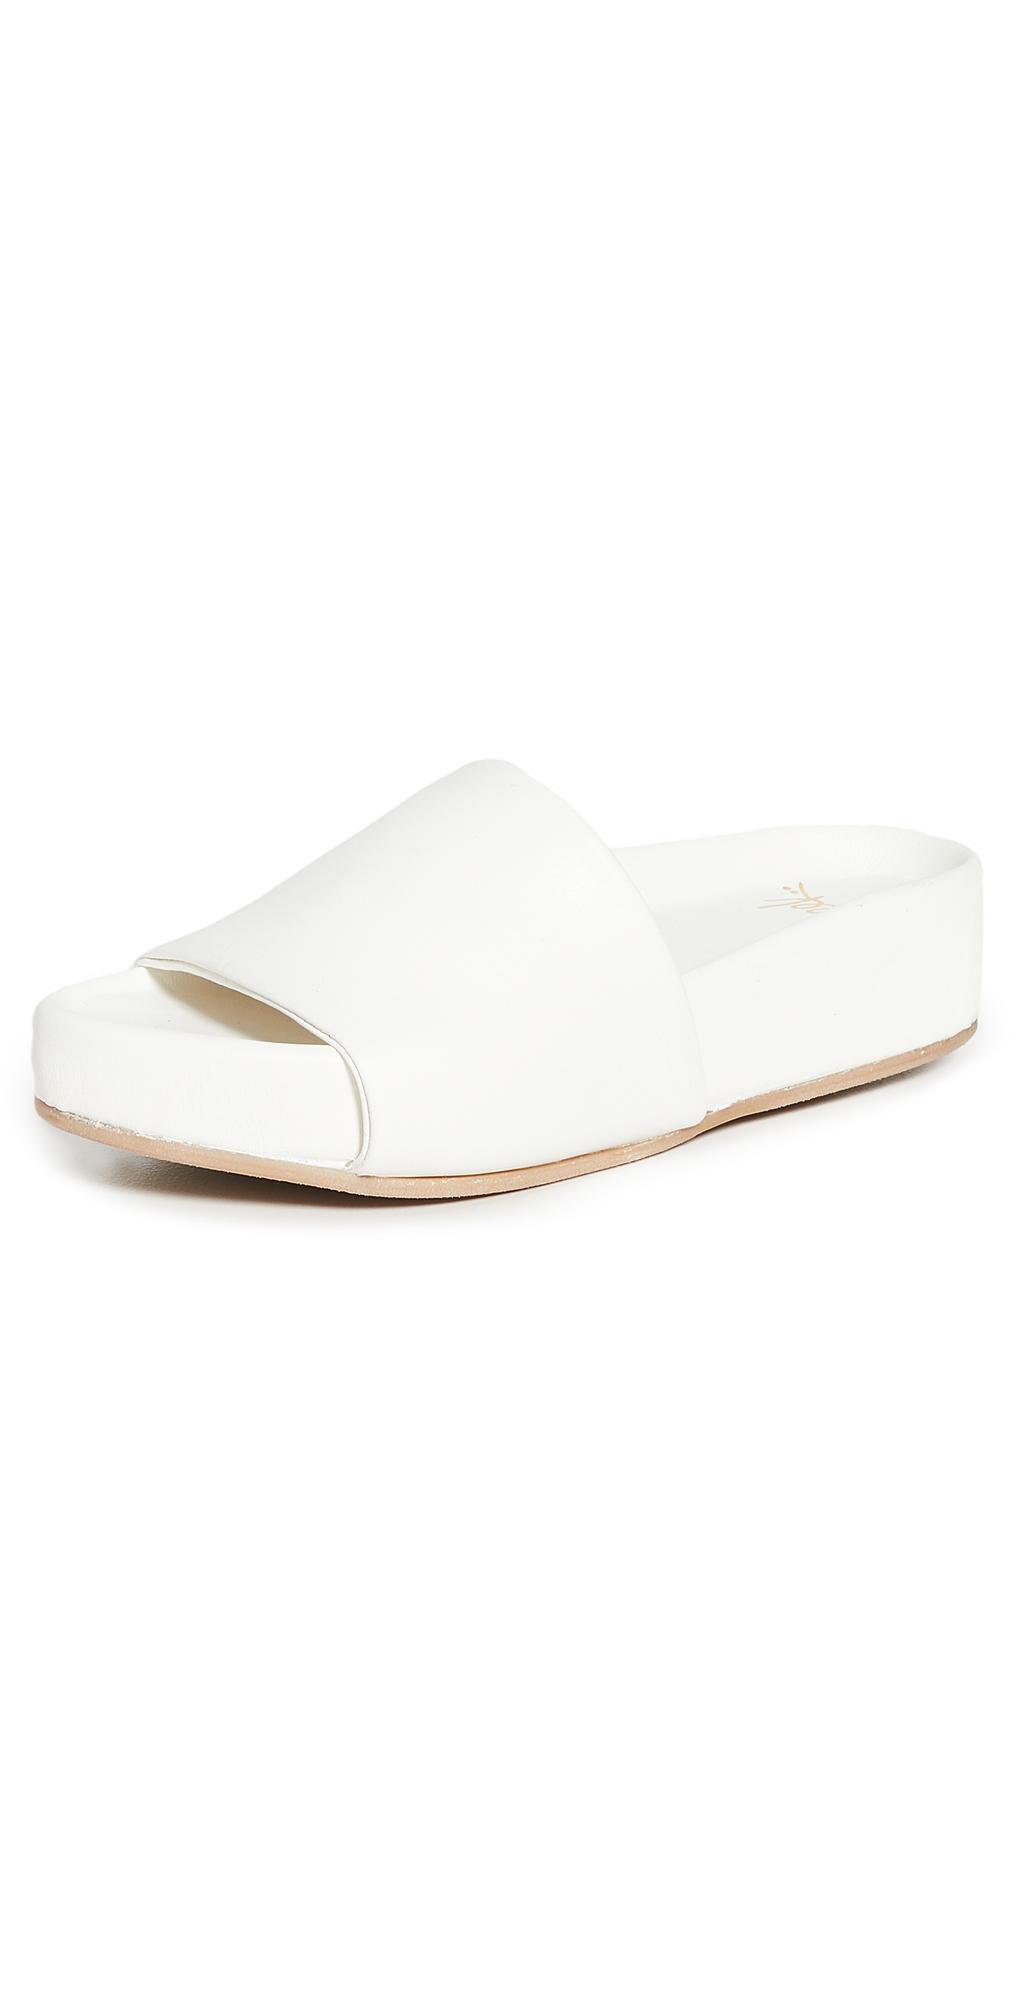 Pelican Sandals